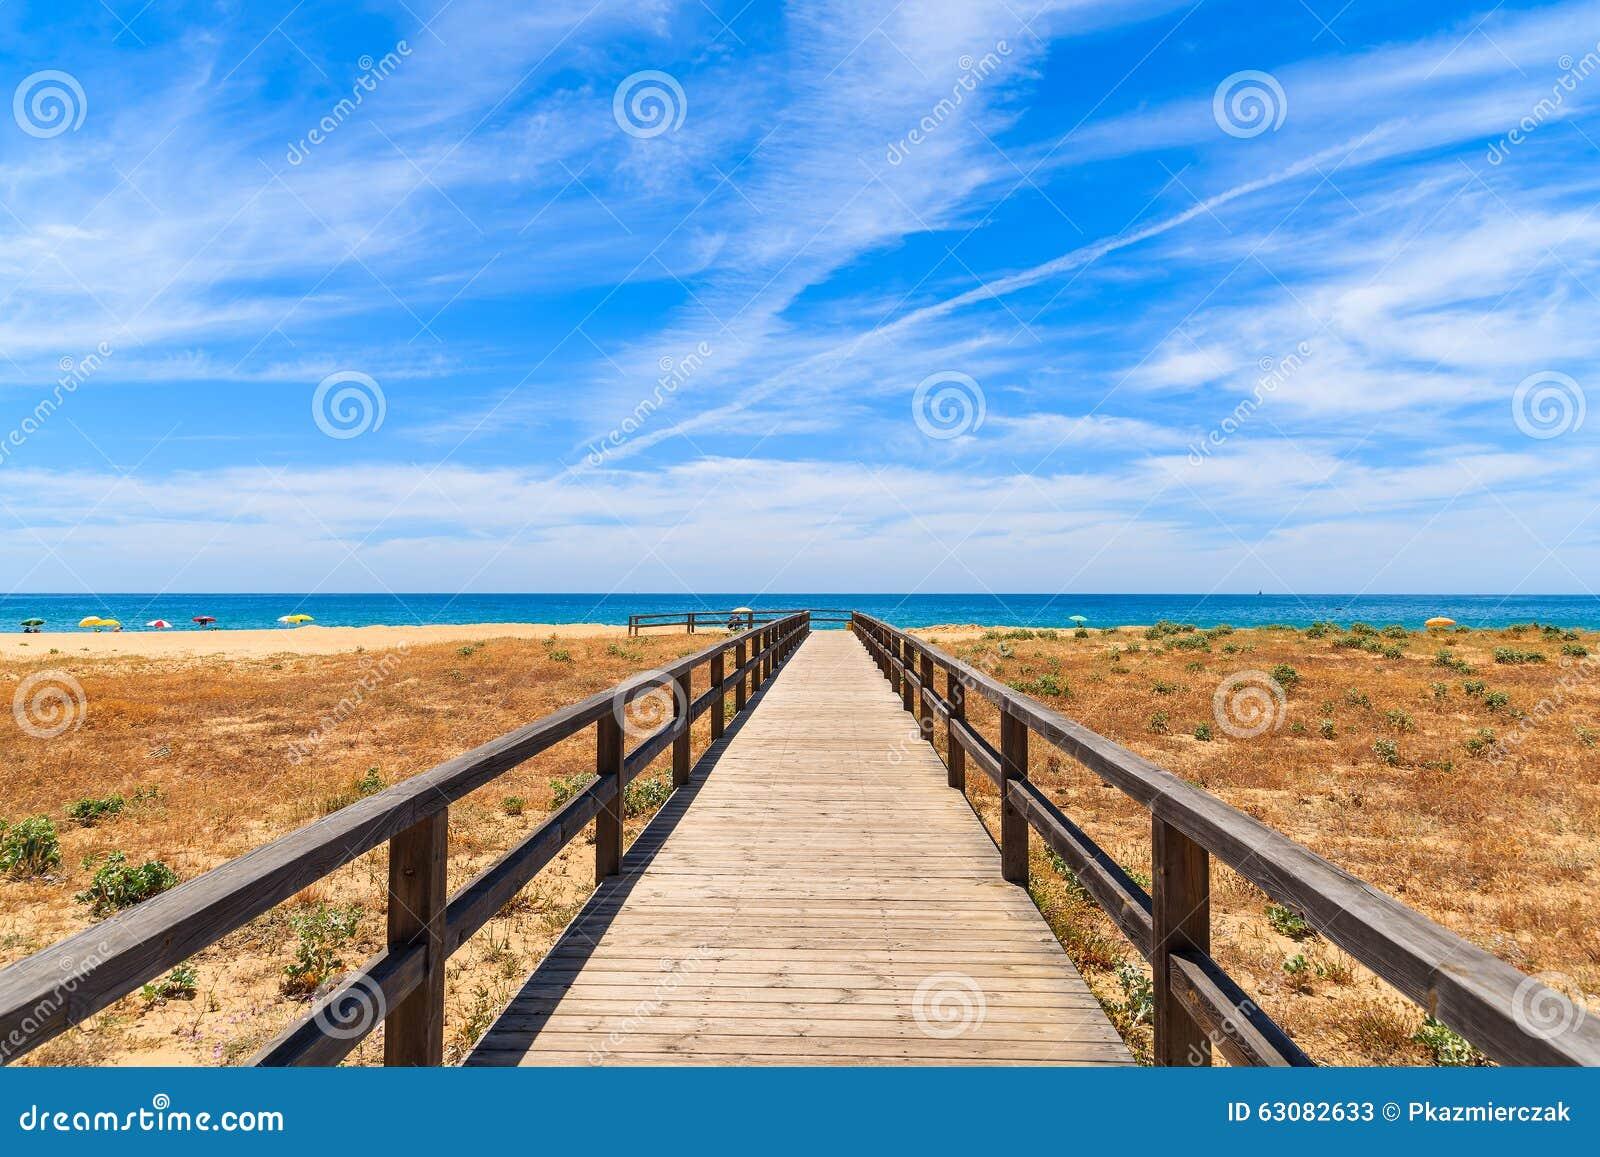 Download Passage Couvert à La Plage Sablonneuse Image stock - Image du horizontal, nuage: 63082633